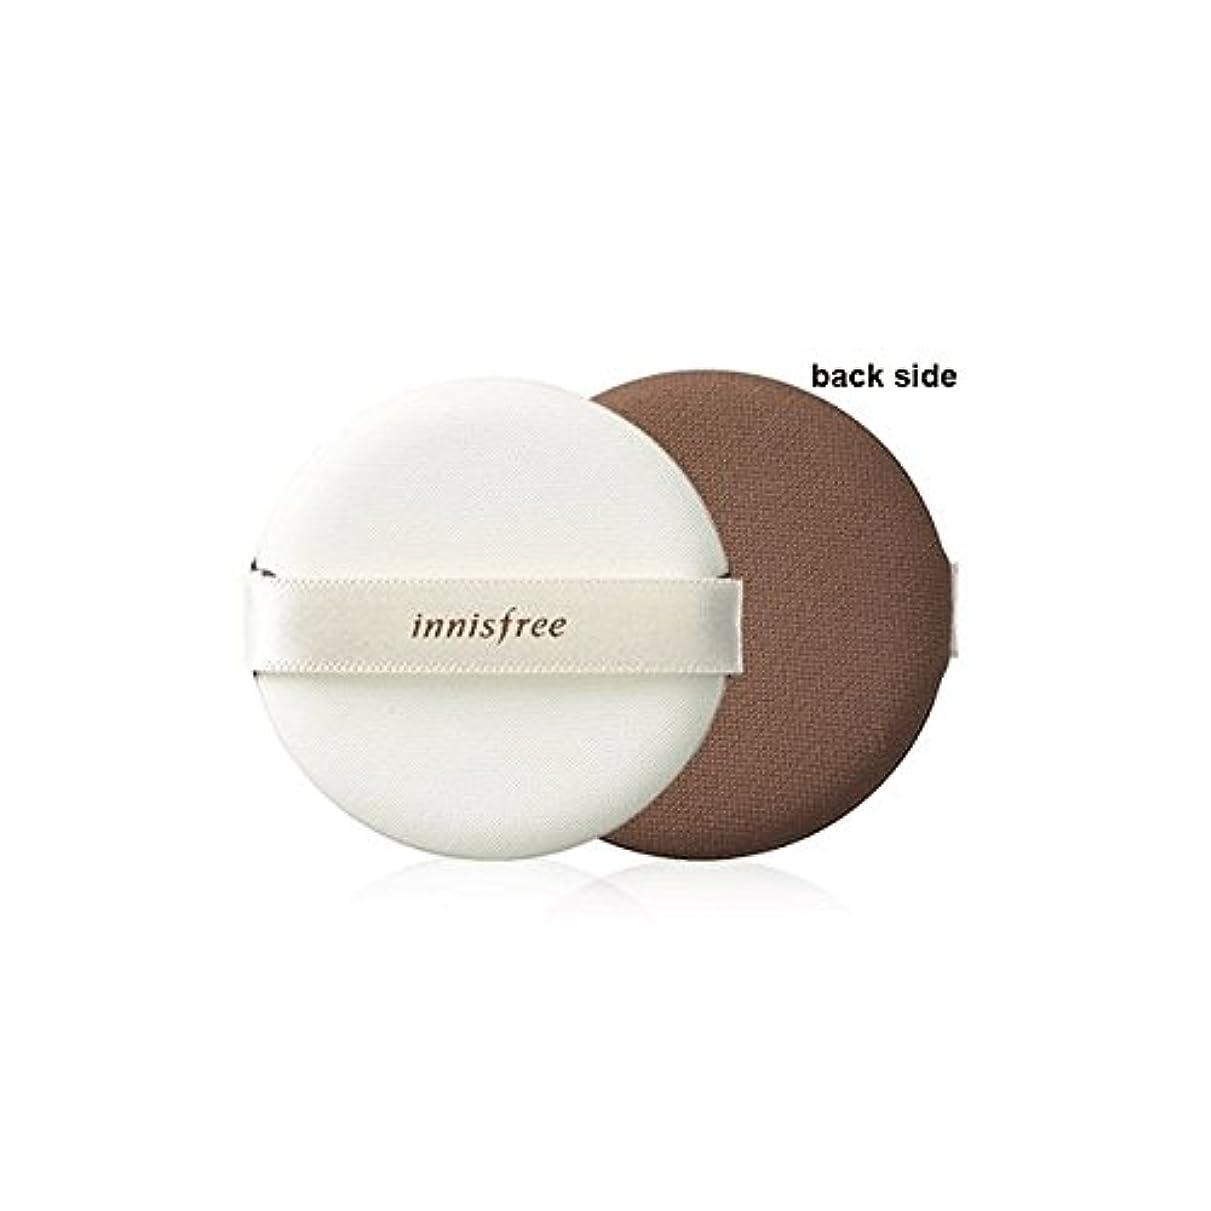 レンダースラック逆説[イニスプリー] Innisfree エアマジックパフ-密着 [Innisfree] Eco Beauty Tool Air Magic Puff-Fitting [海外直送品]